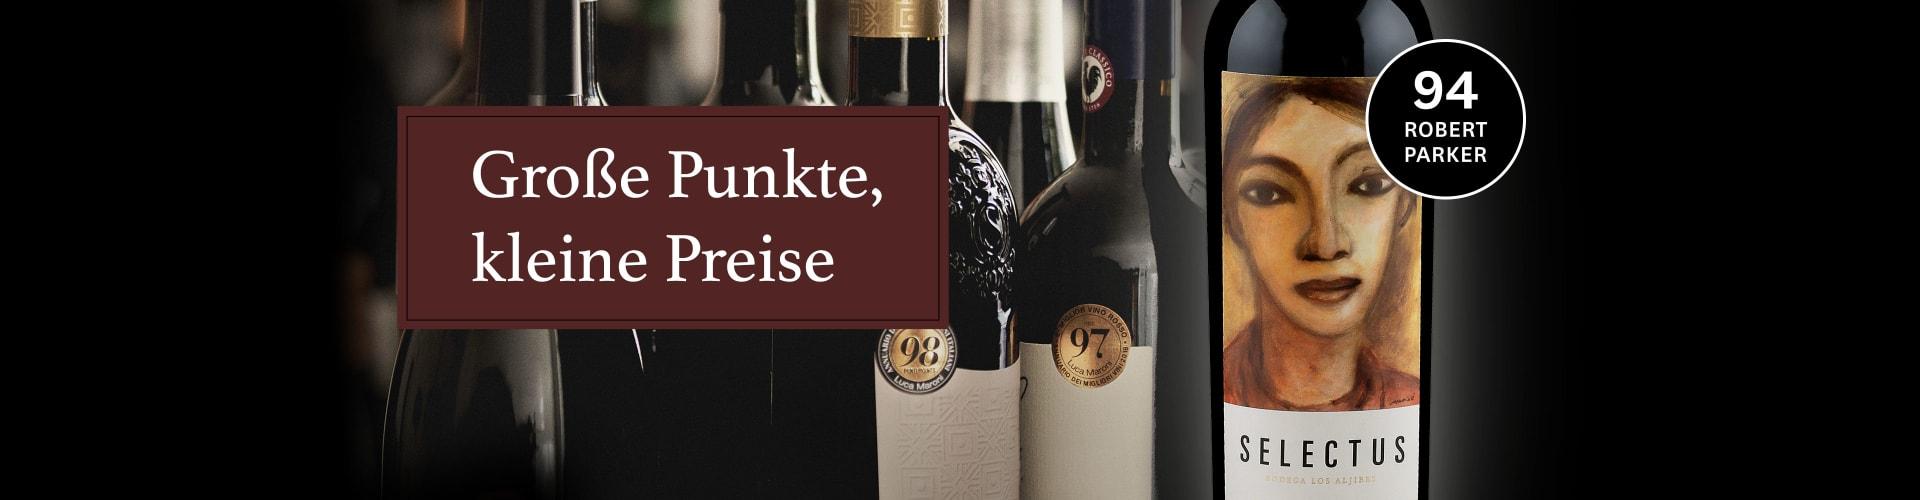 Weinflaschen unserer Kampagne Große Punkte, kleine Preise